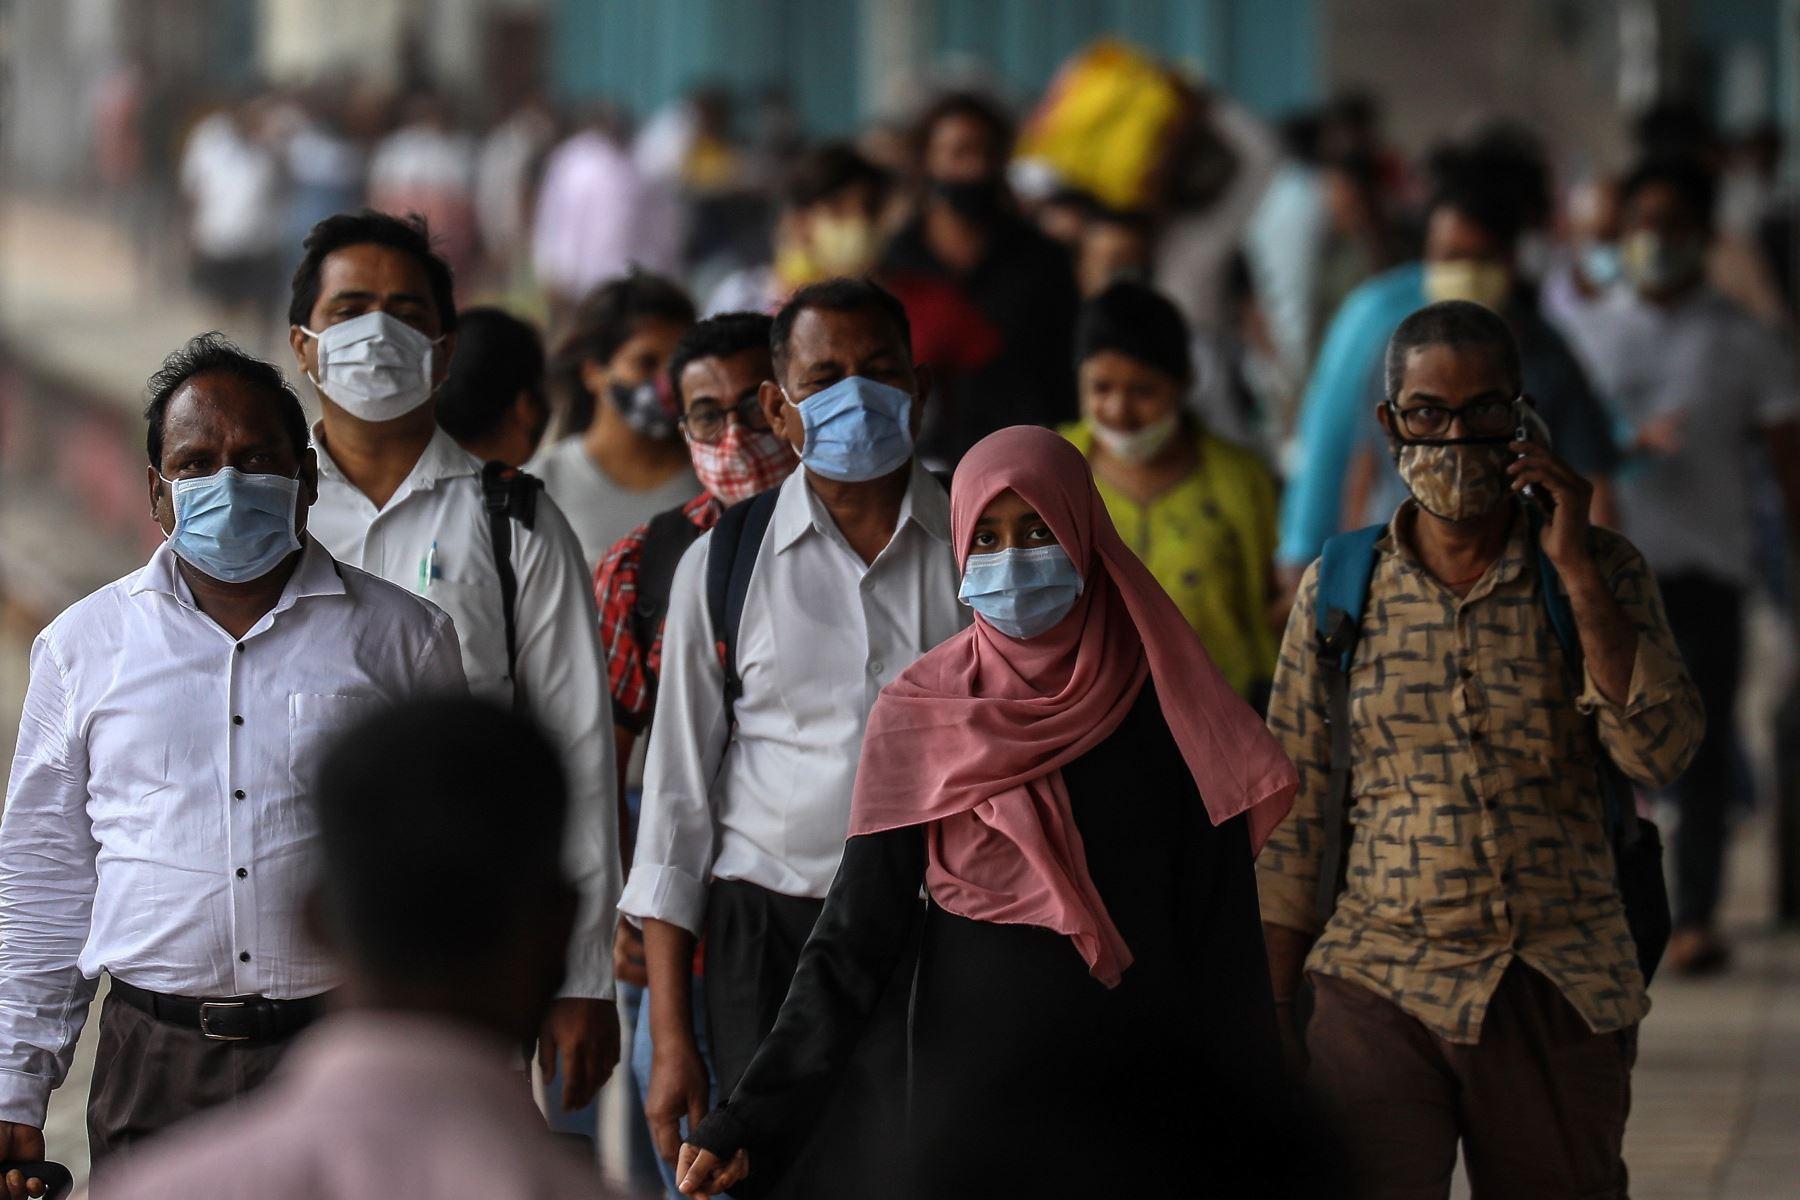 Pasajeros indios con máscaras faciales hacen cola para hacerse la prueba de detección covid-19 después de llegar desde otros estados de la India a Mumbai. Foto: EFE